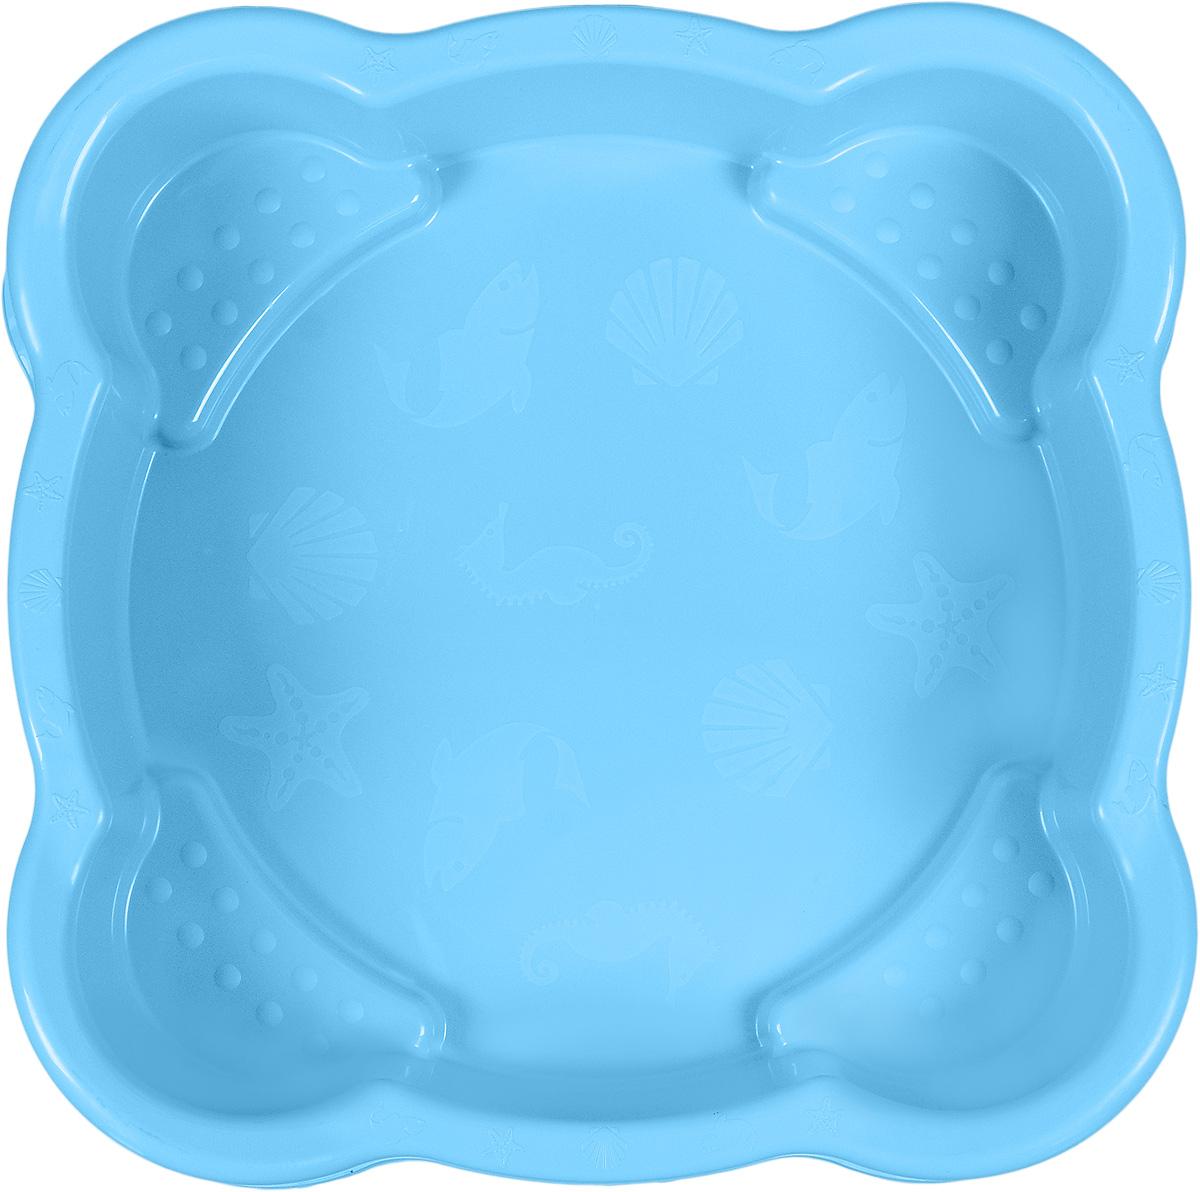 Marian Plast Песочница квадратная цвет голубой